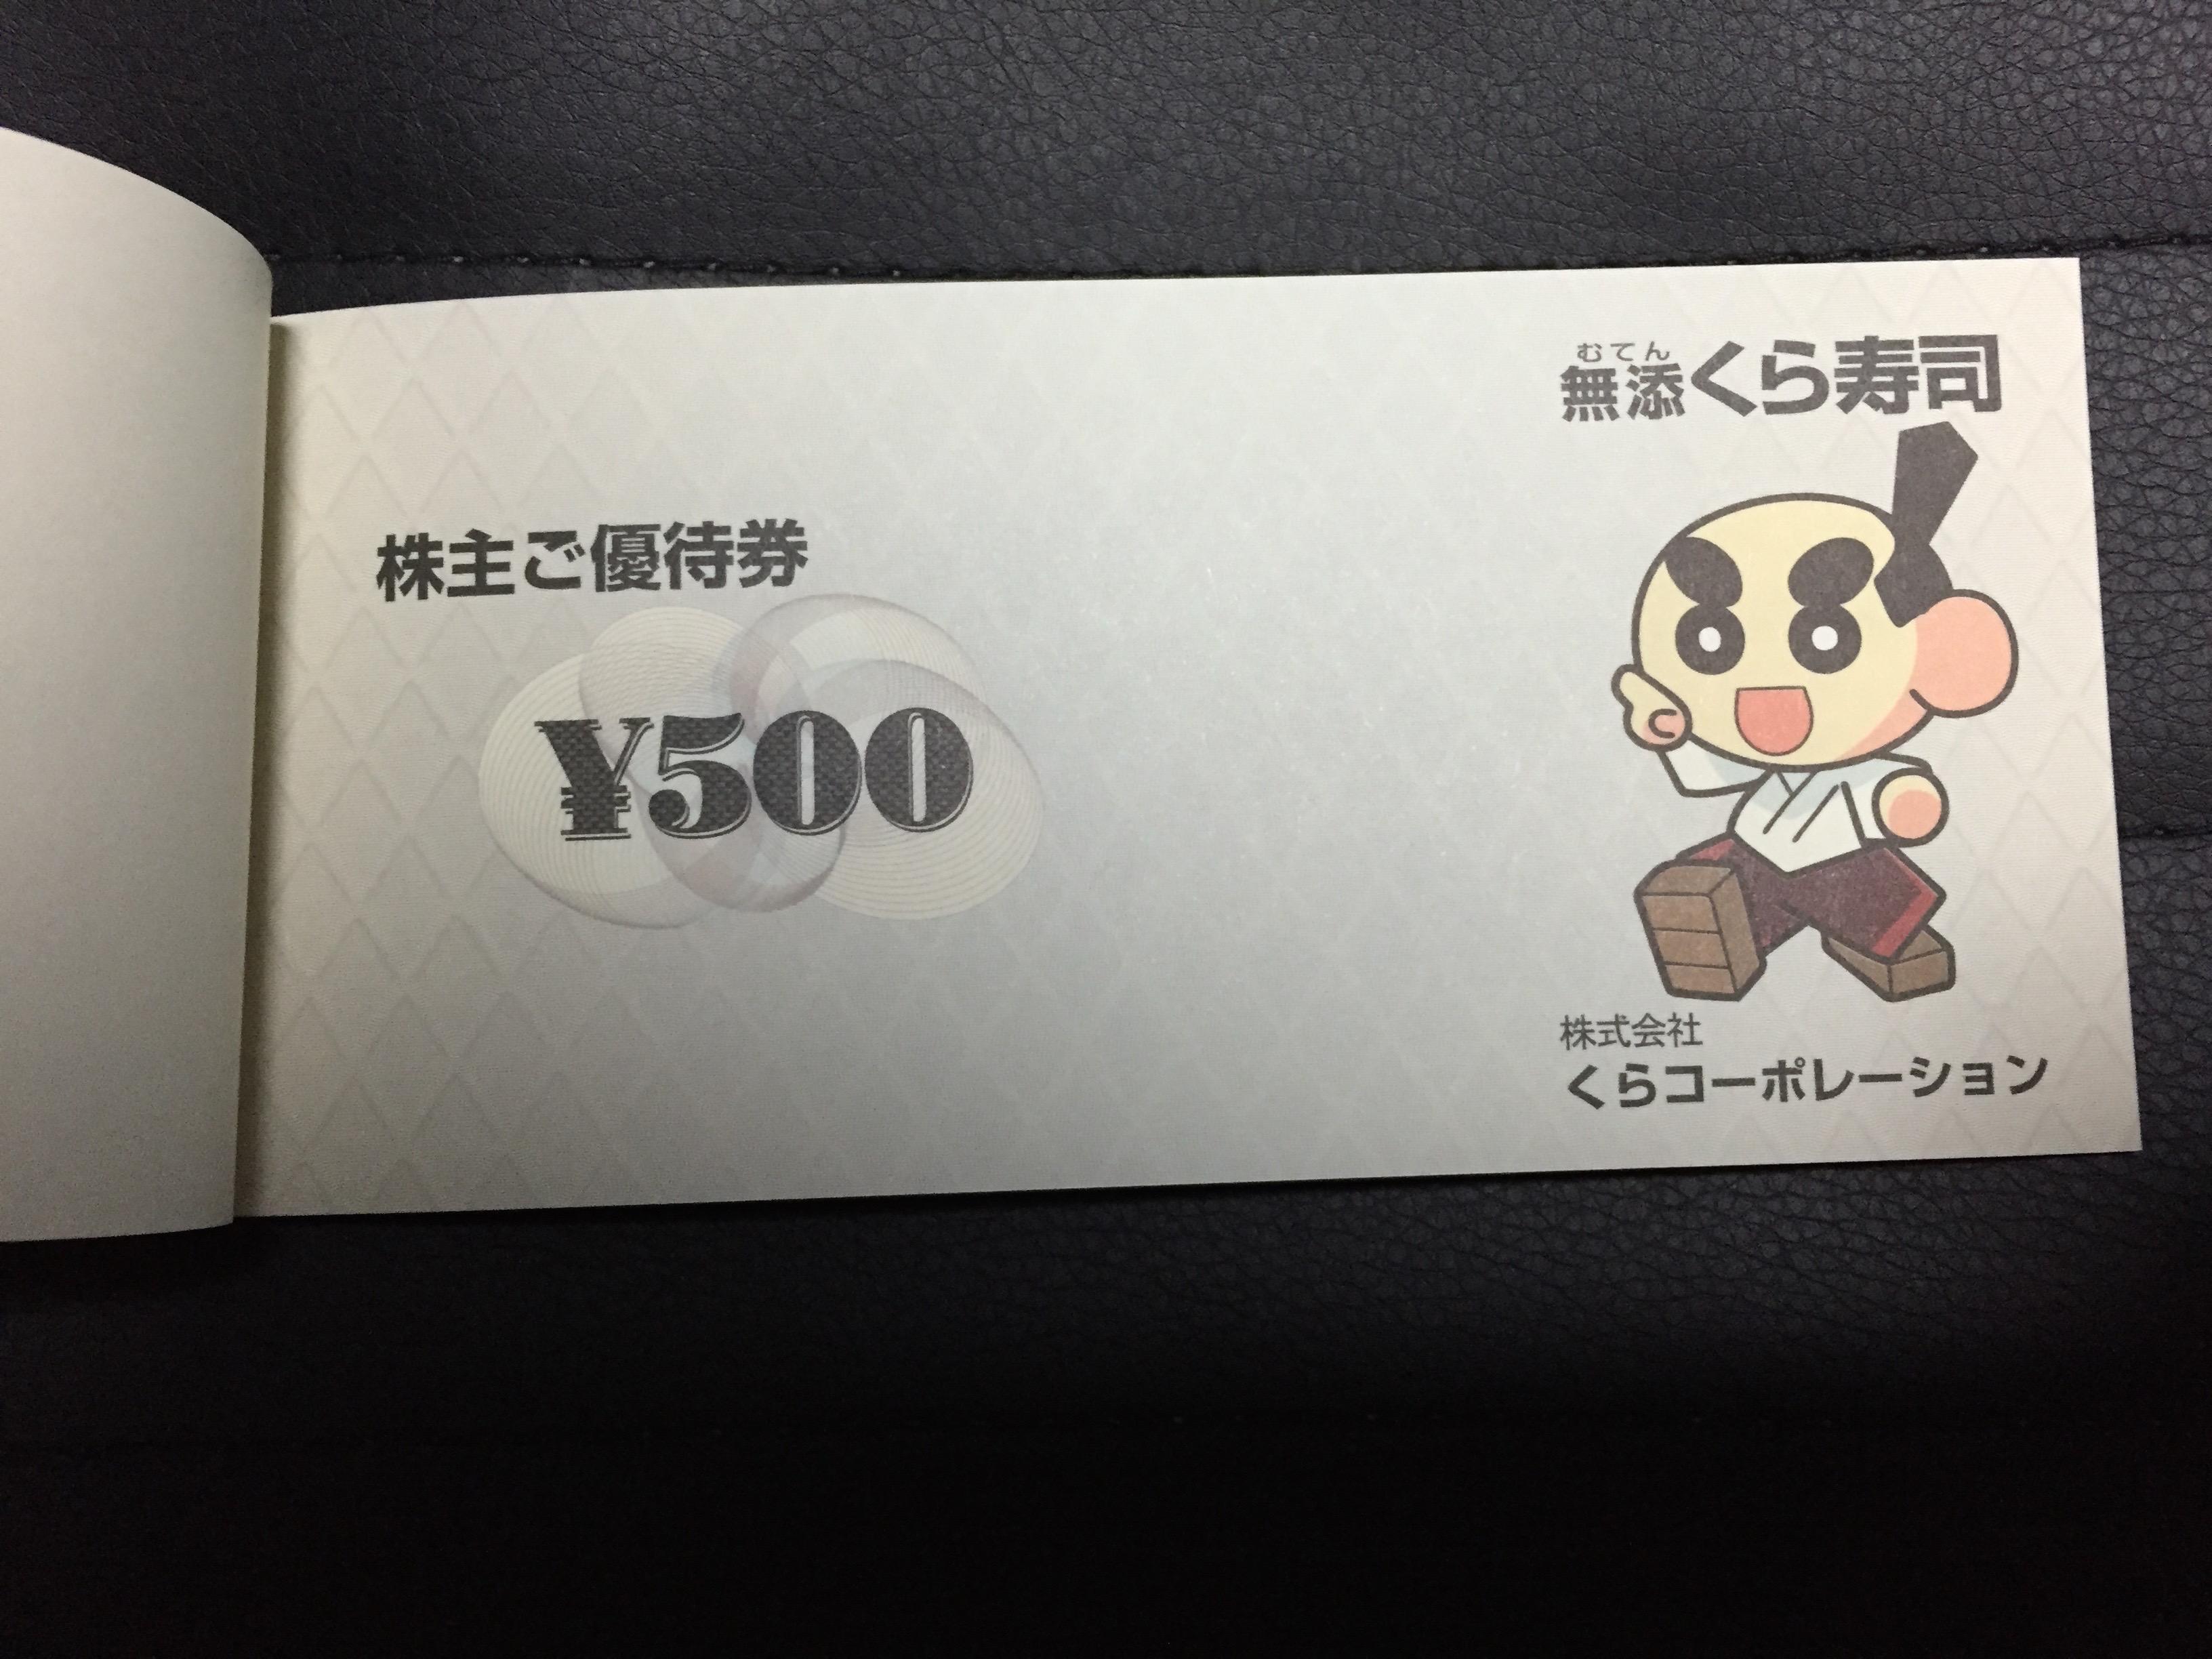 """くらコーポレーション(2695)の株主優待が到着!! 10,000円分を握りしめ""""くら寿司""""へいってきました!!"""